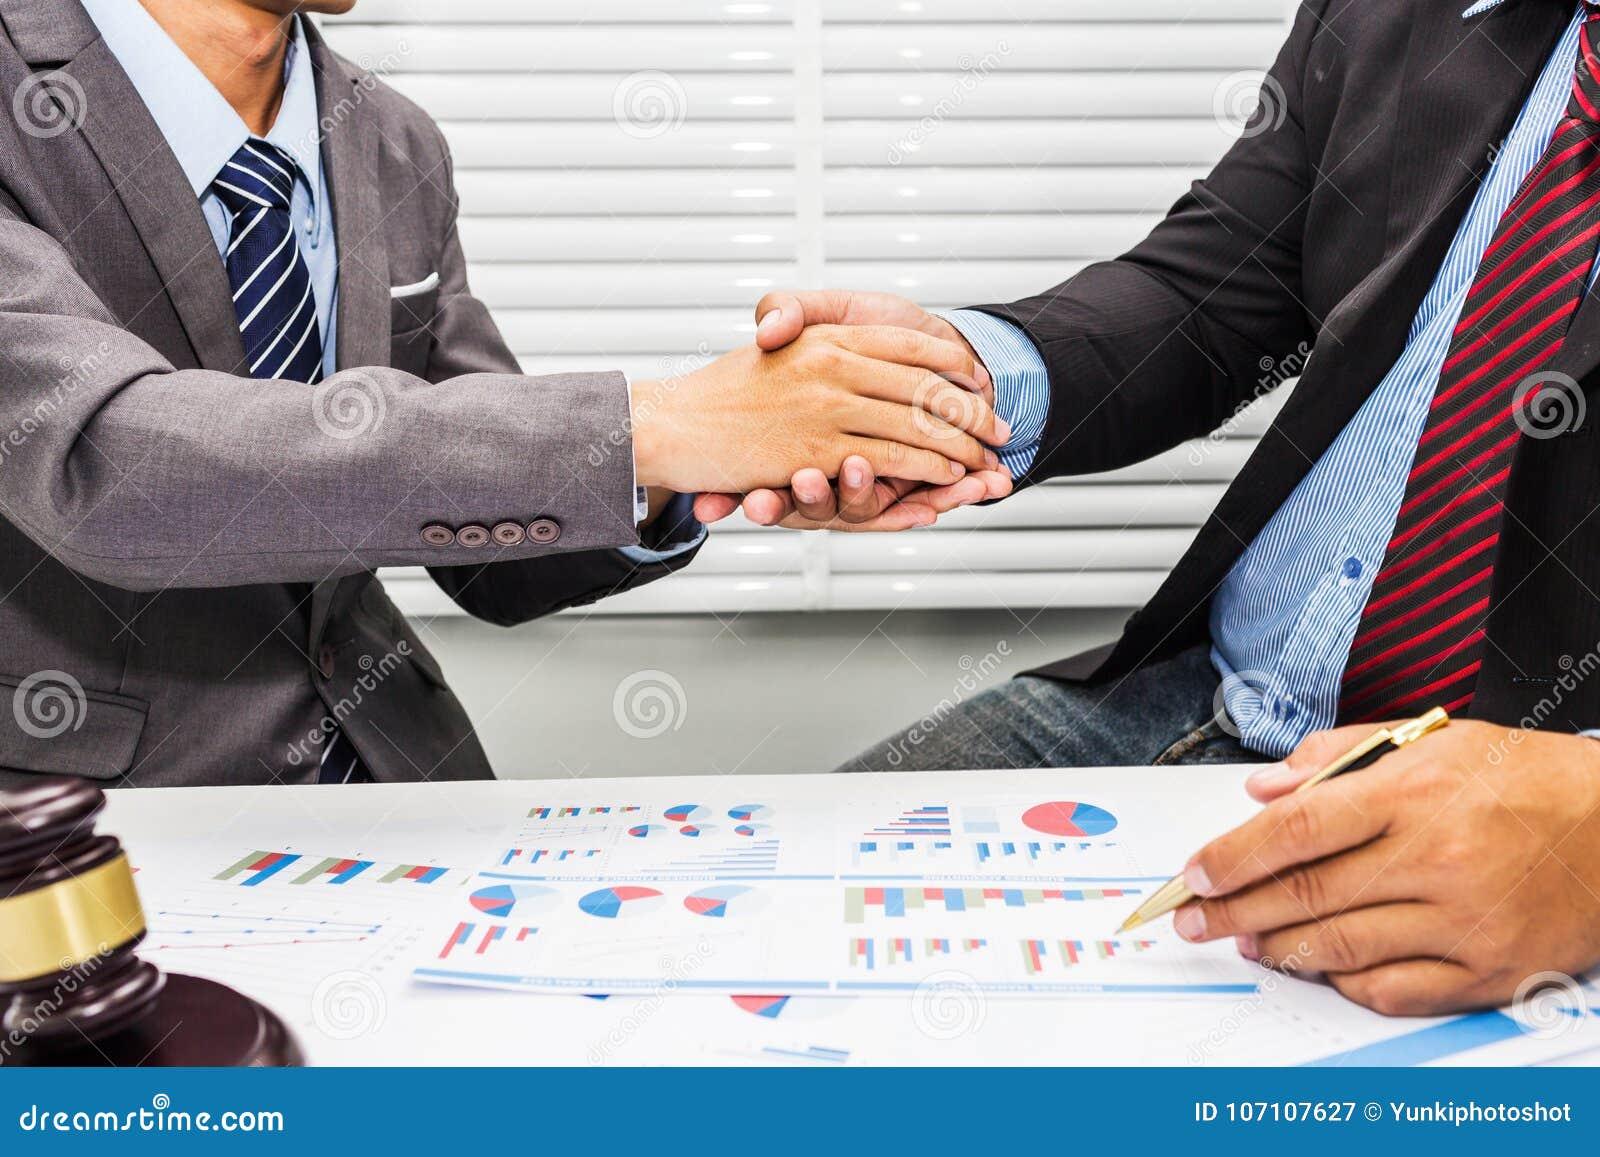 Рукопожатие между юристом и мужским работником офиса